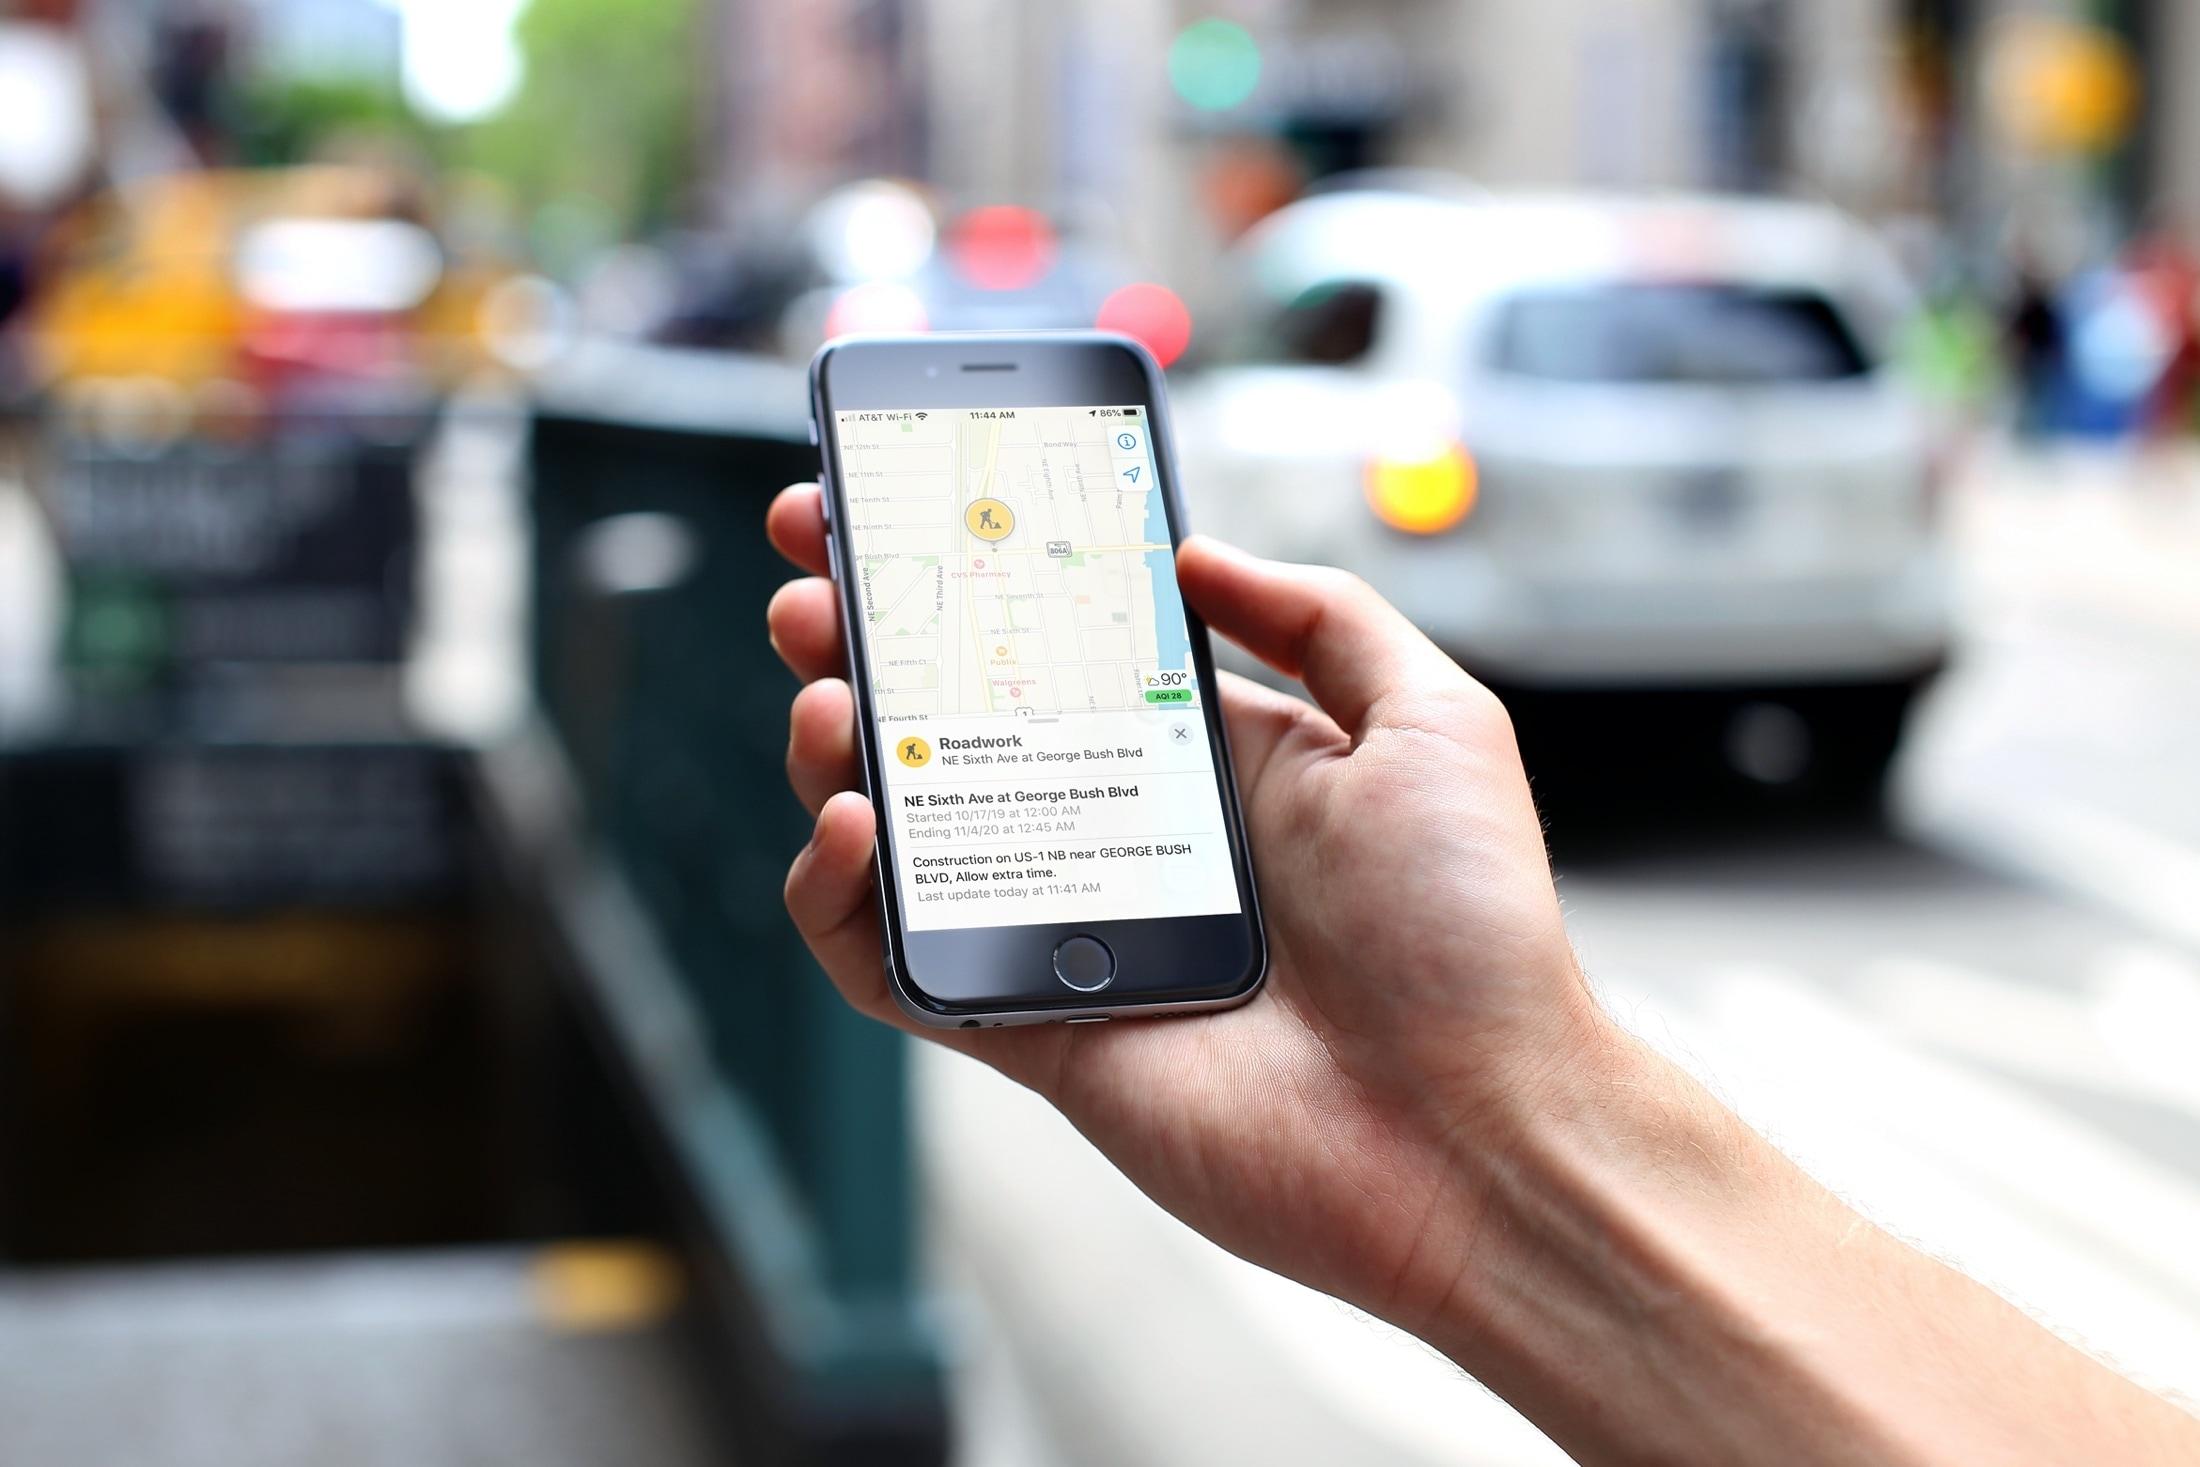 Roadwork Marker in Apple Maps iPhone